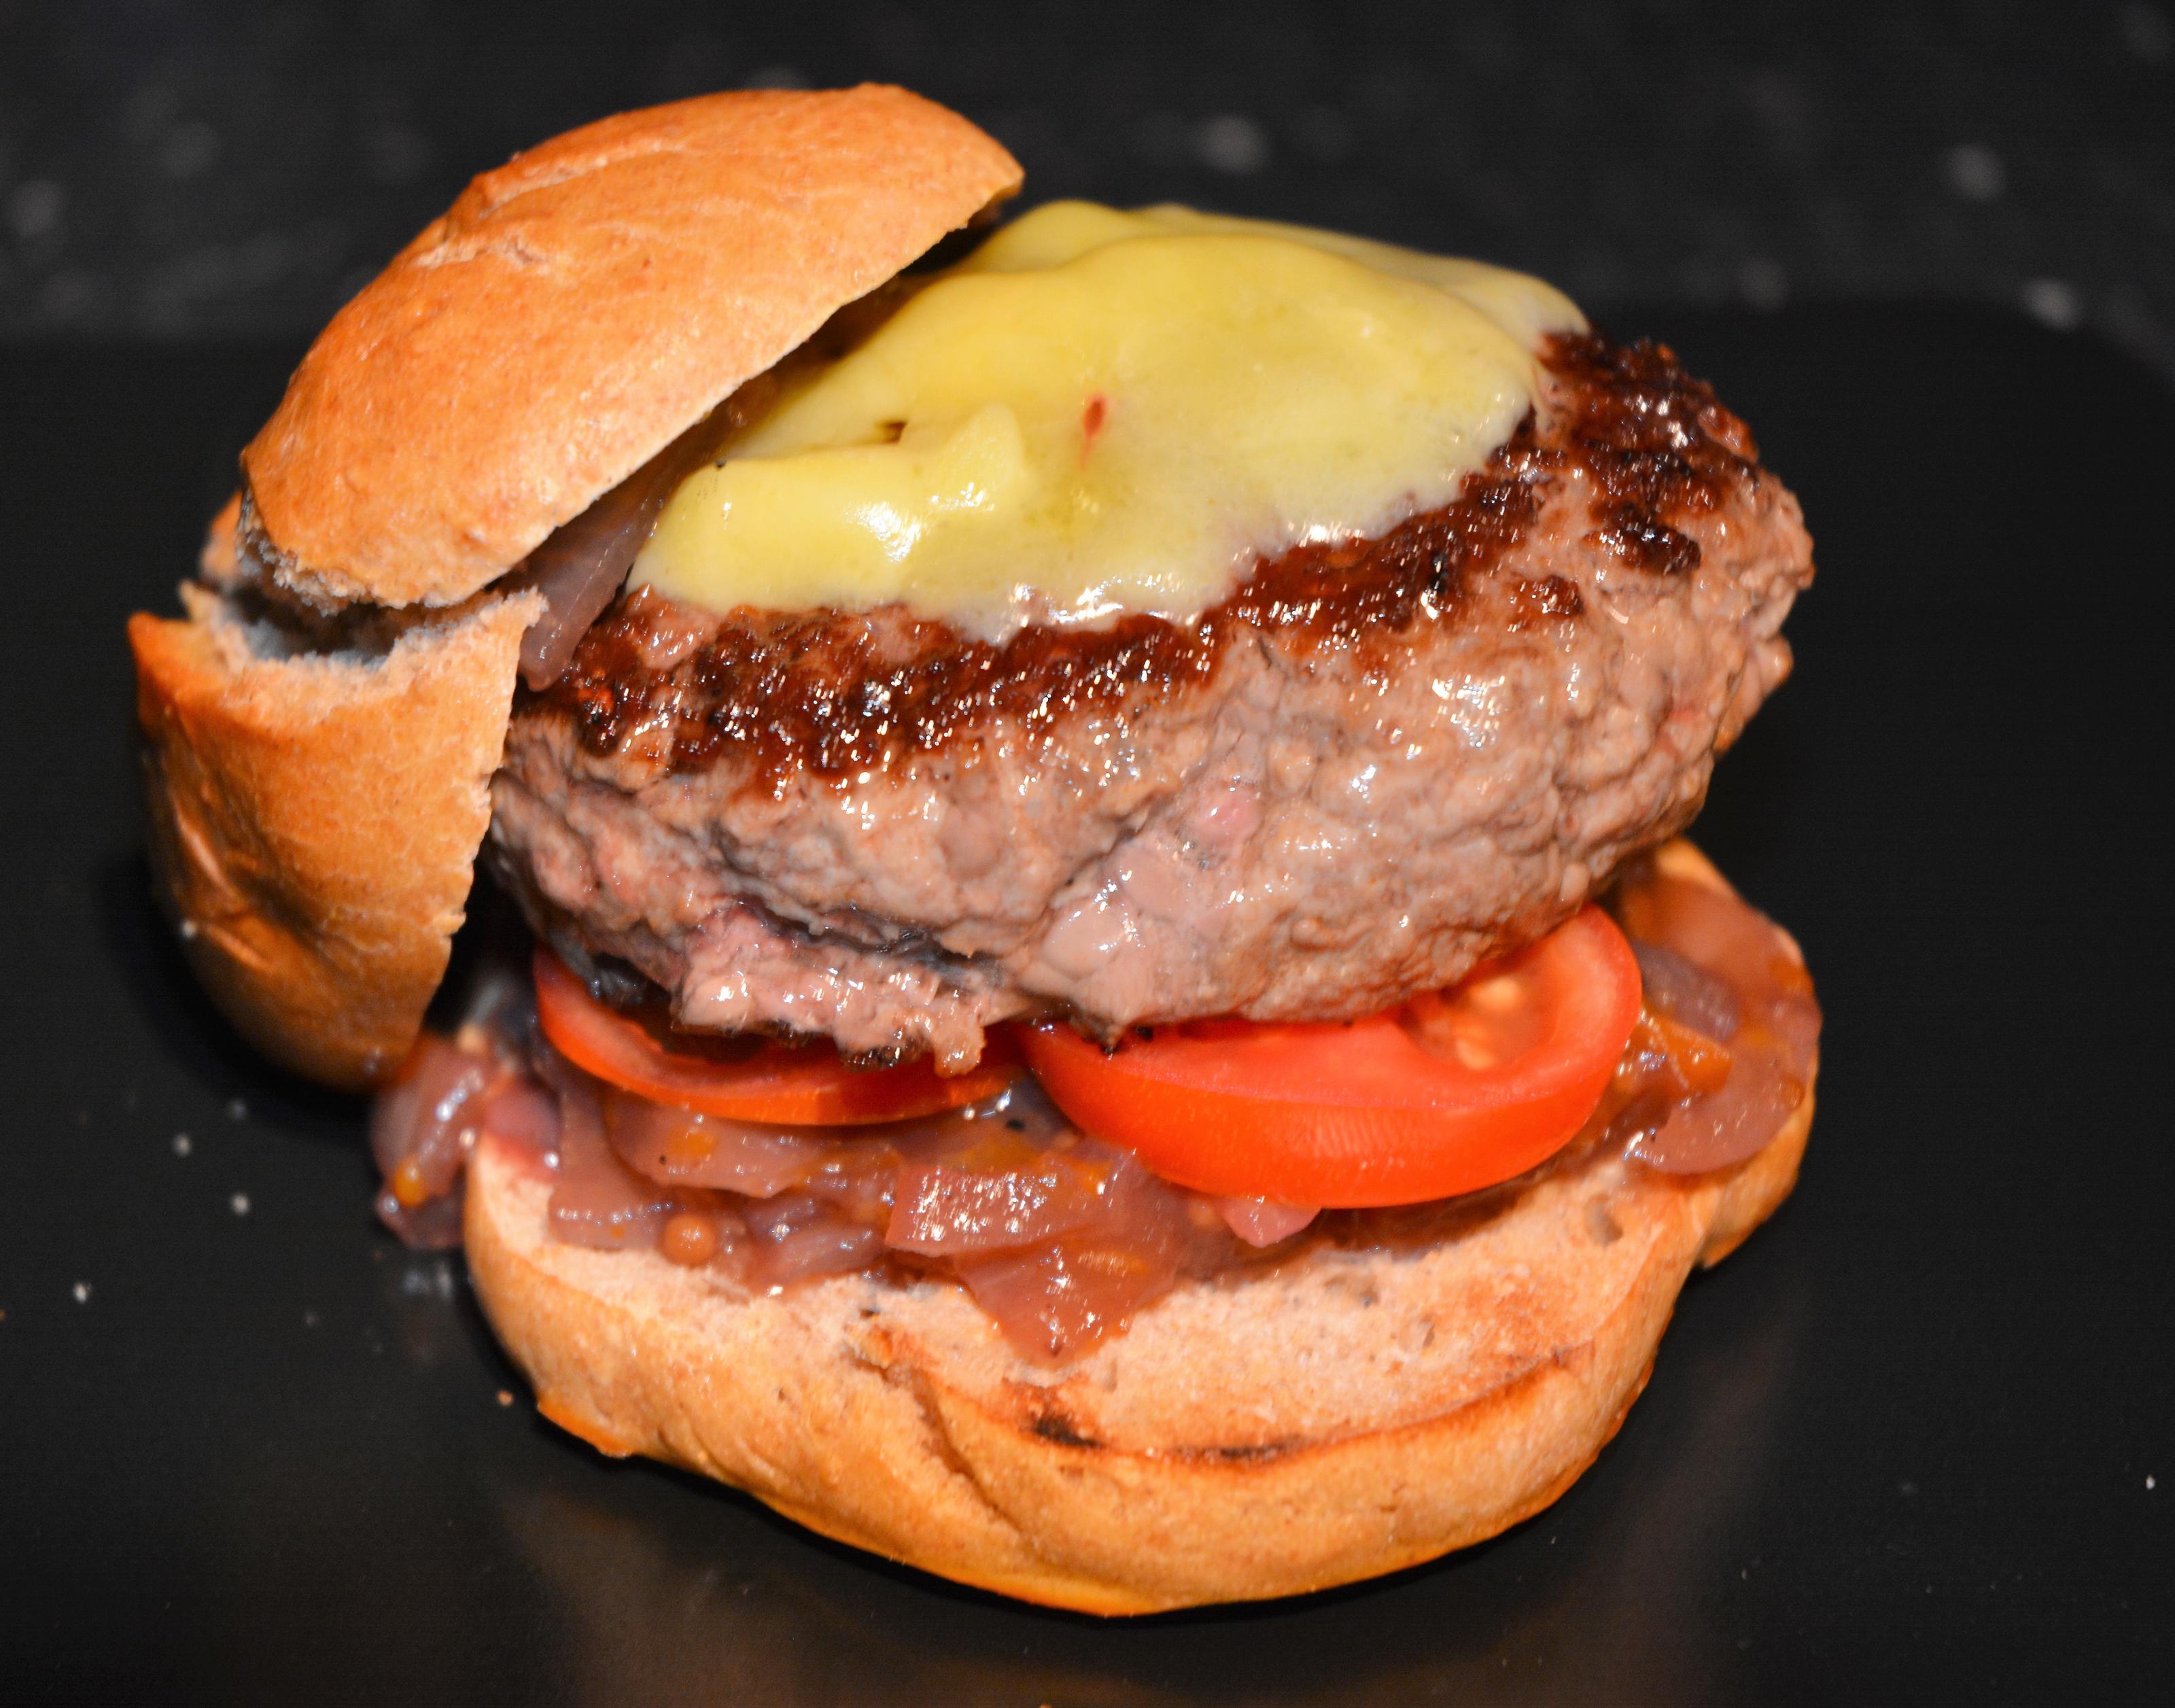 Bilder für Wennesdraussenregnetinderpfannemachburger Rindfleischburger mit Zwiebel-Mango-Marmelade und Cheddar - Rezept